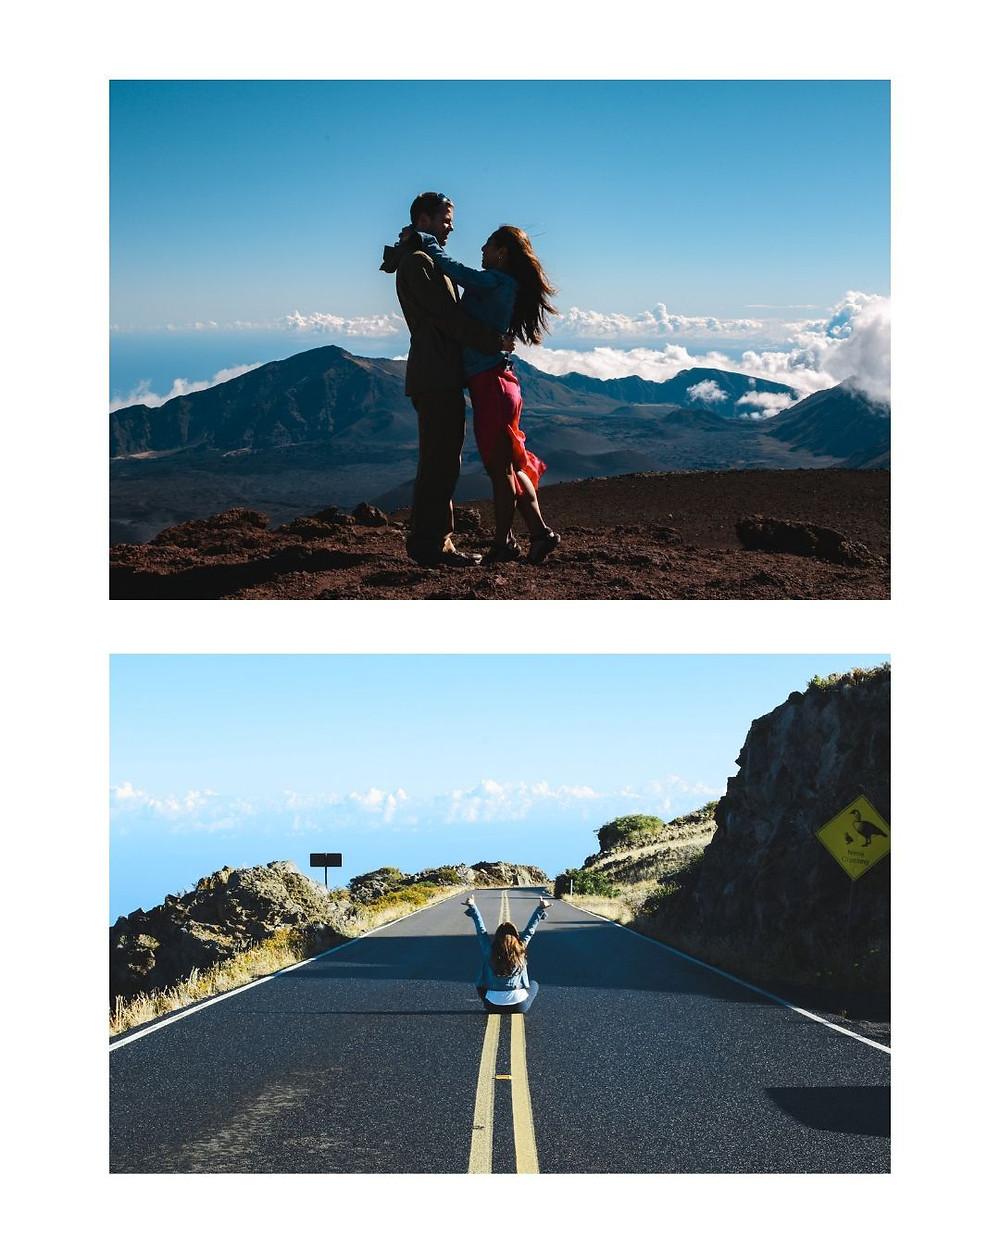 マウイ島旅行、ハレアカラ